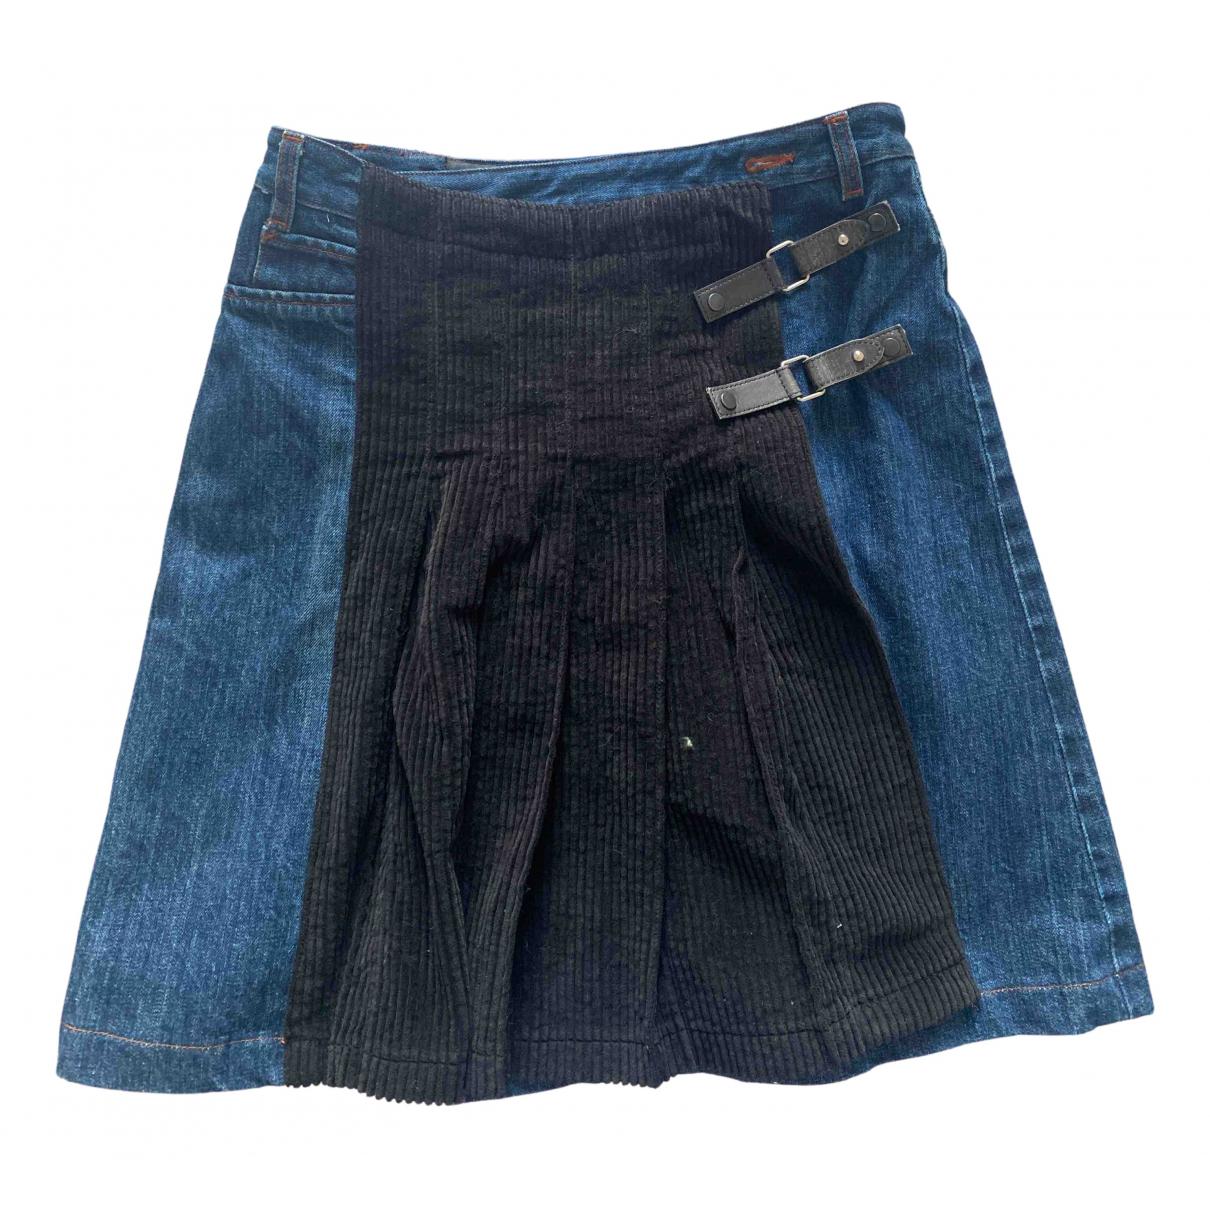 Jean Paul Gaultier \N Black Denim - Jeans skirt for Women 40 FR